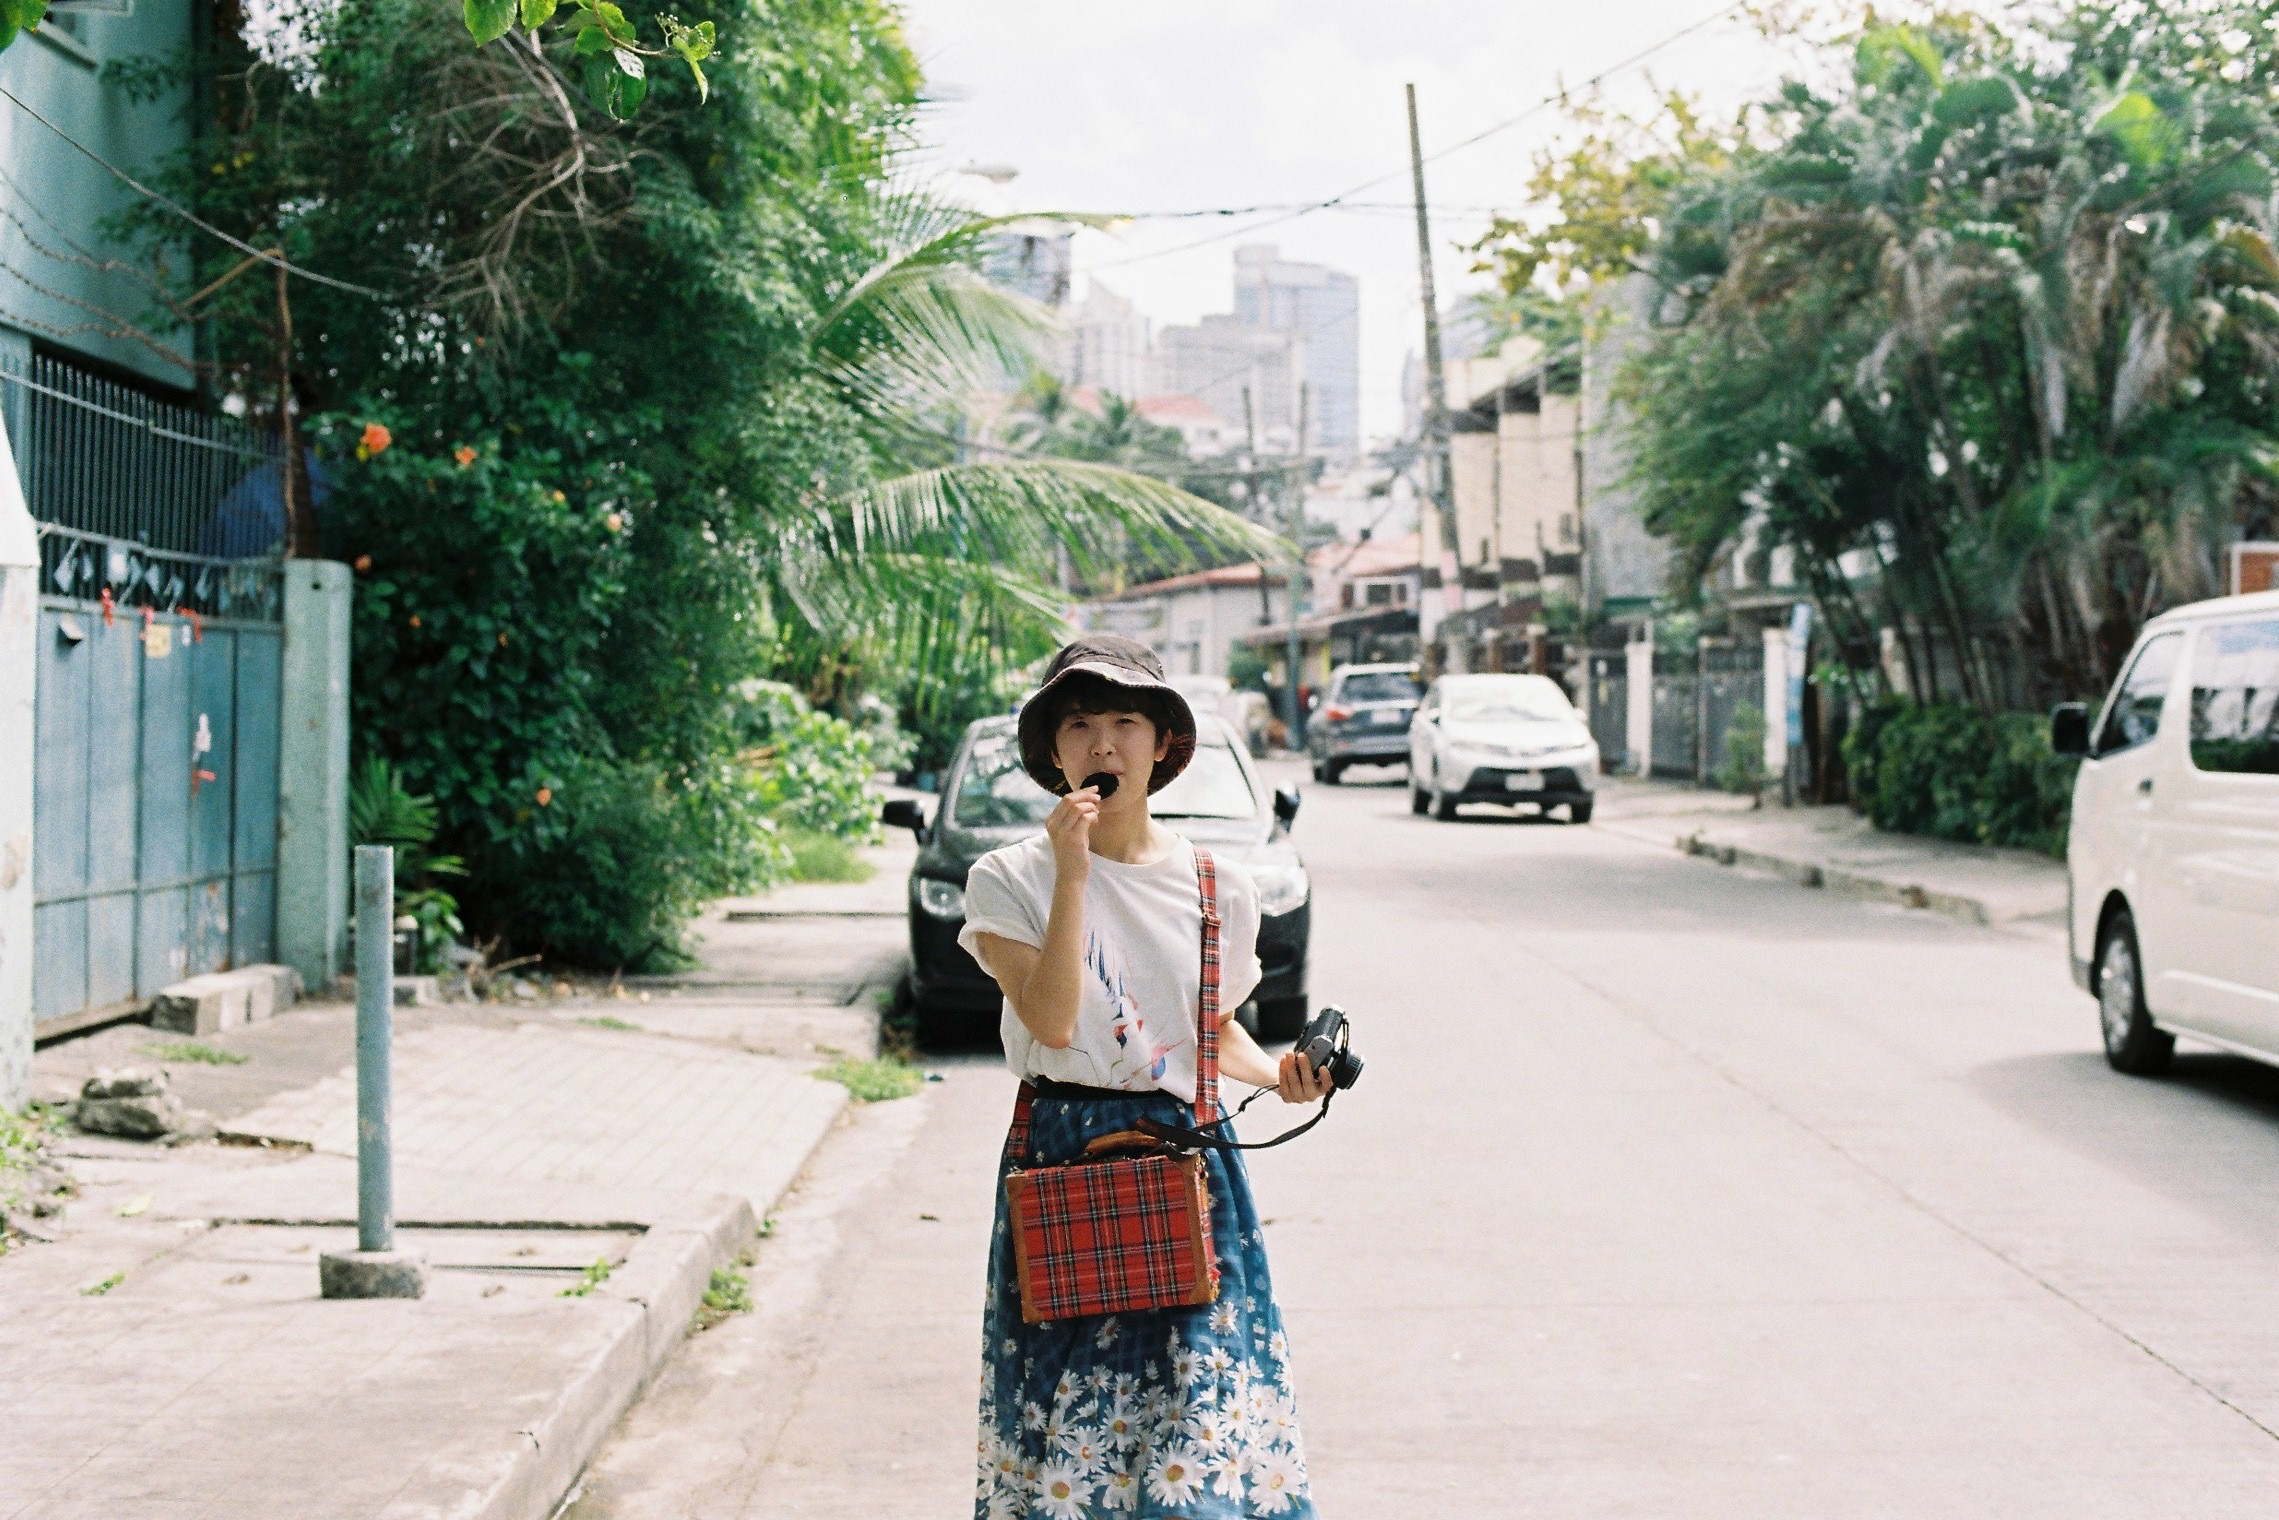 フィルムカメラと女の子